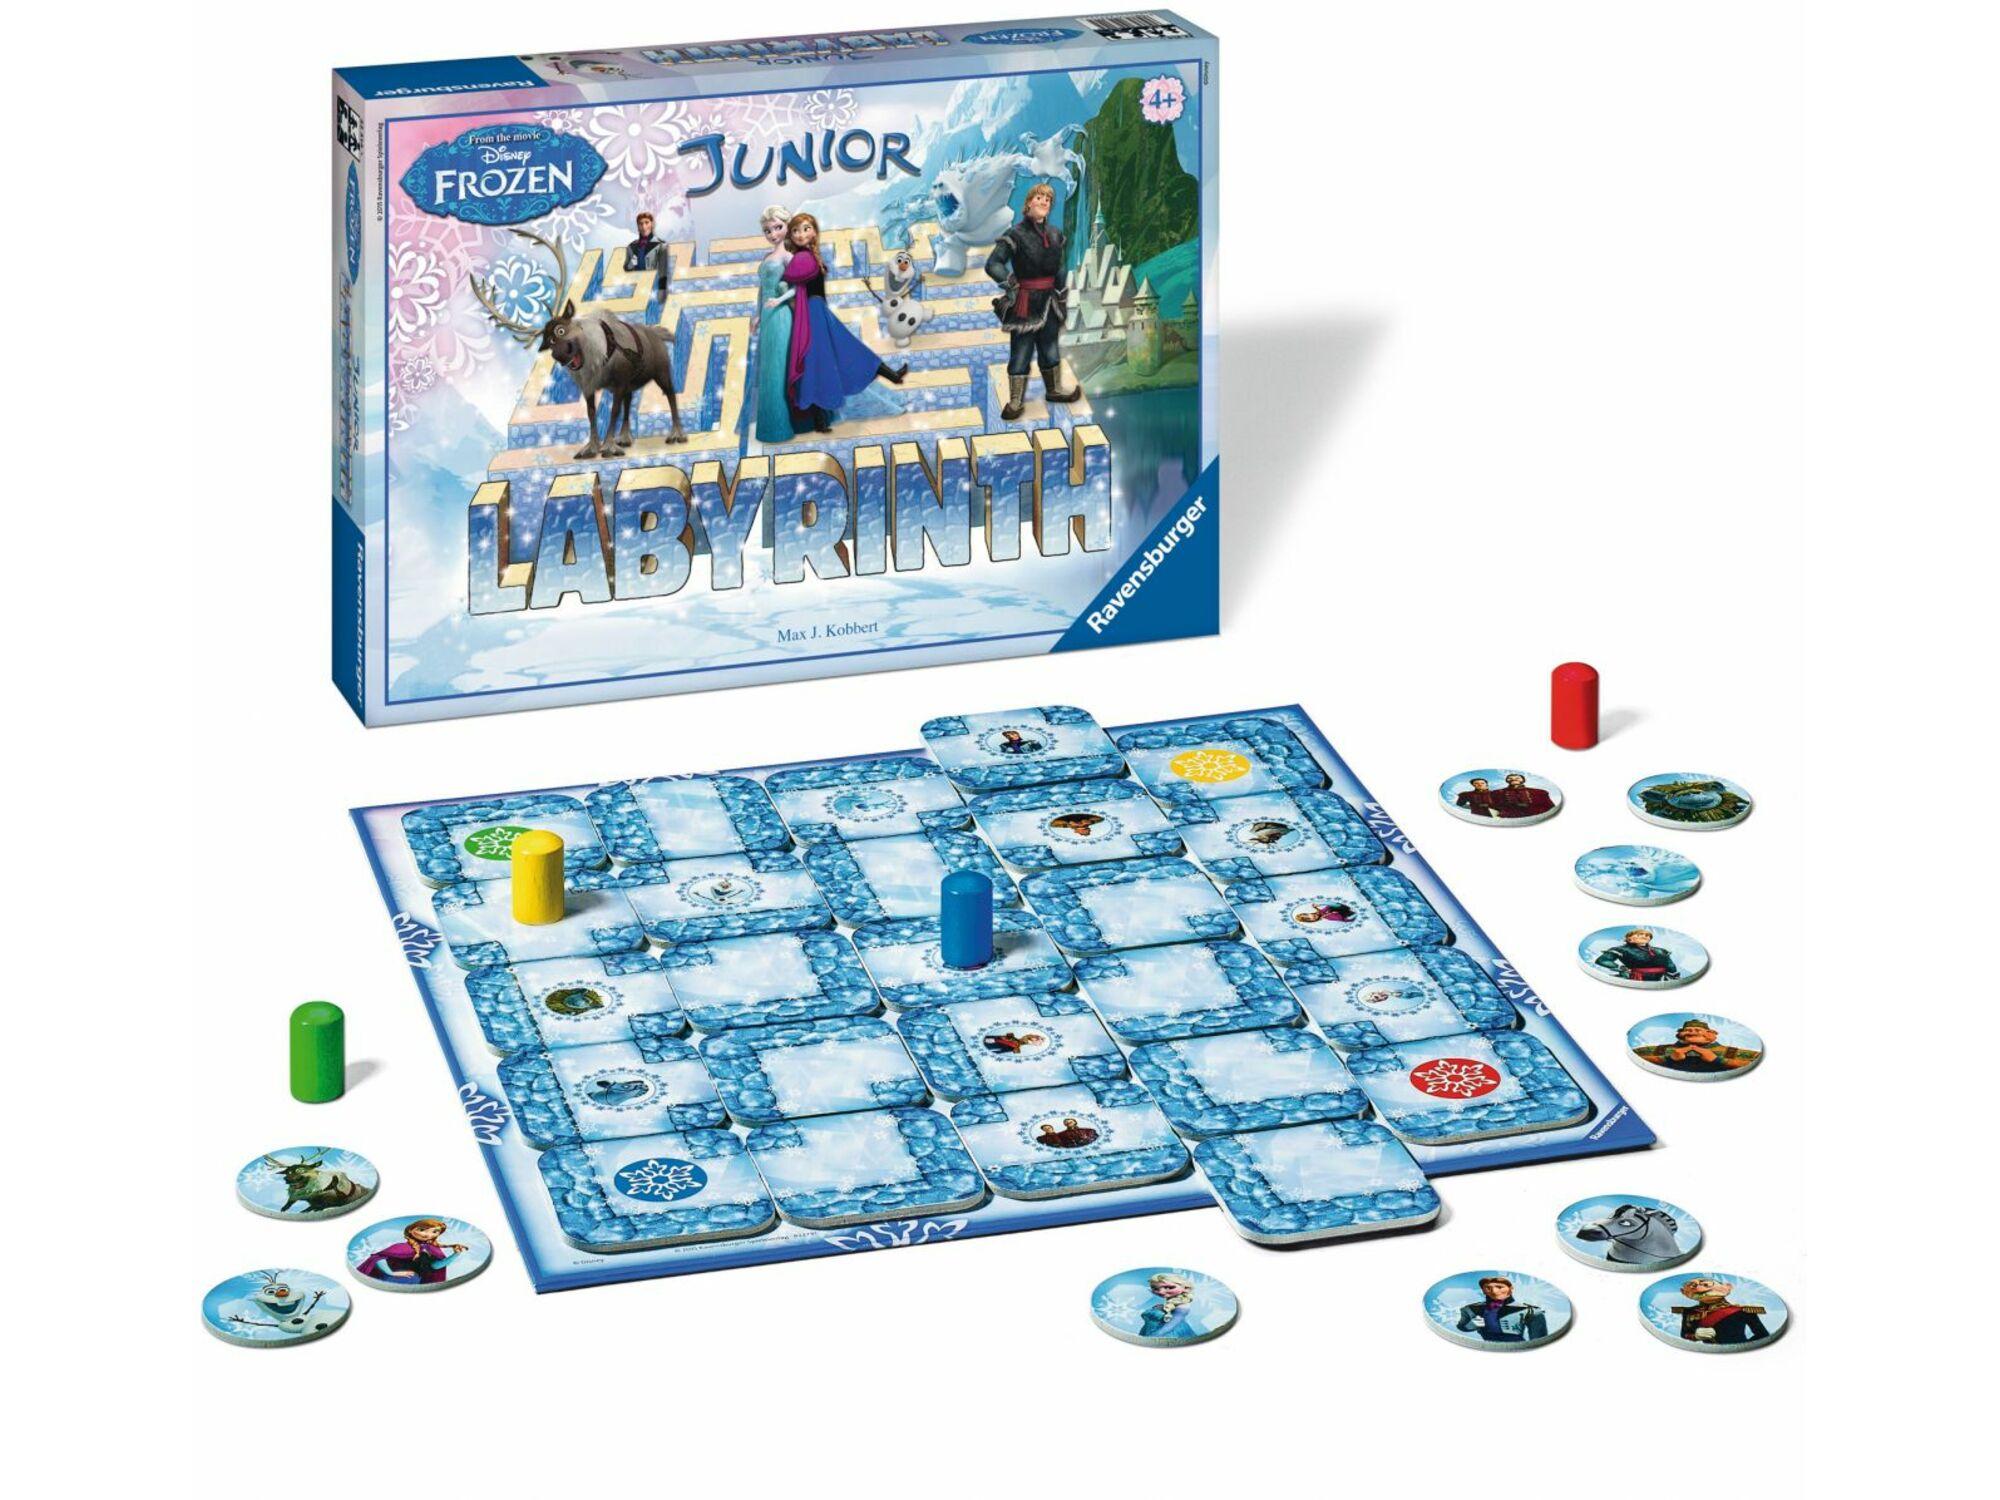 Frozen Junior Labyrinth 01-211869